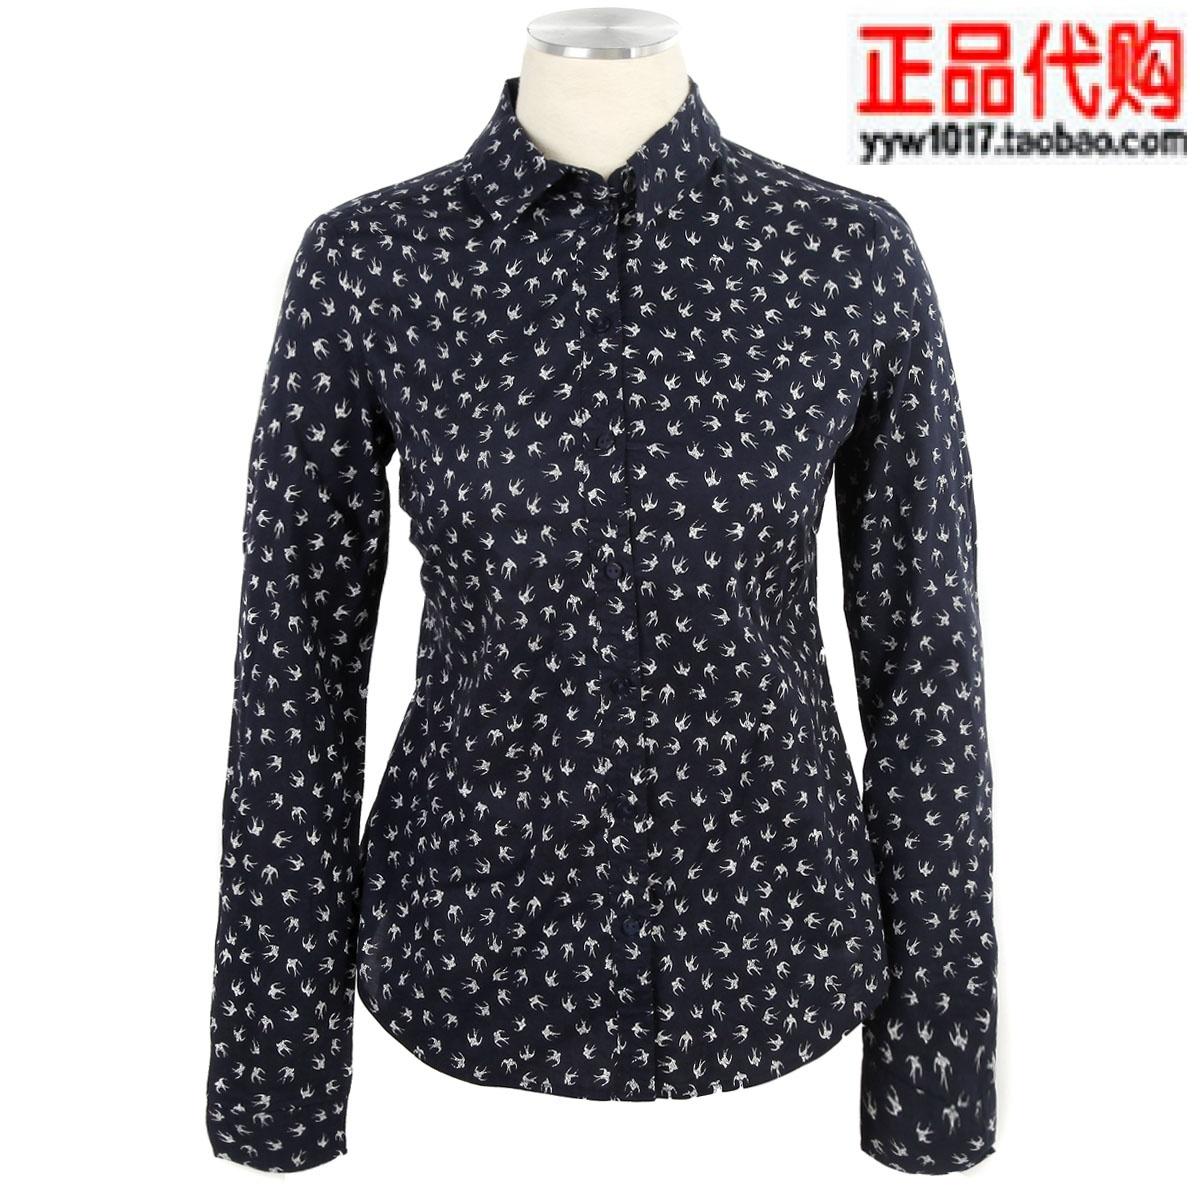 женская рубашка Esprit ac1346f 2014 369 футболка мужская esprit vd3649 2014 299